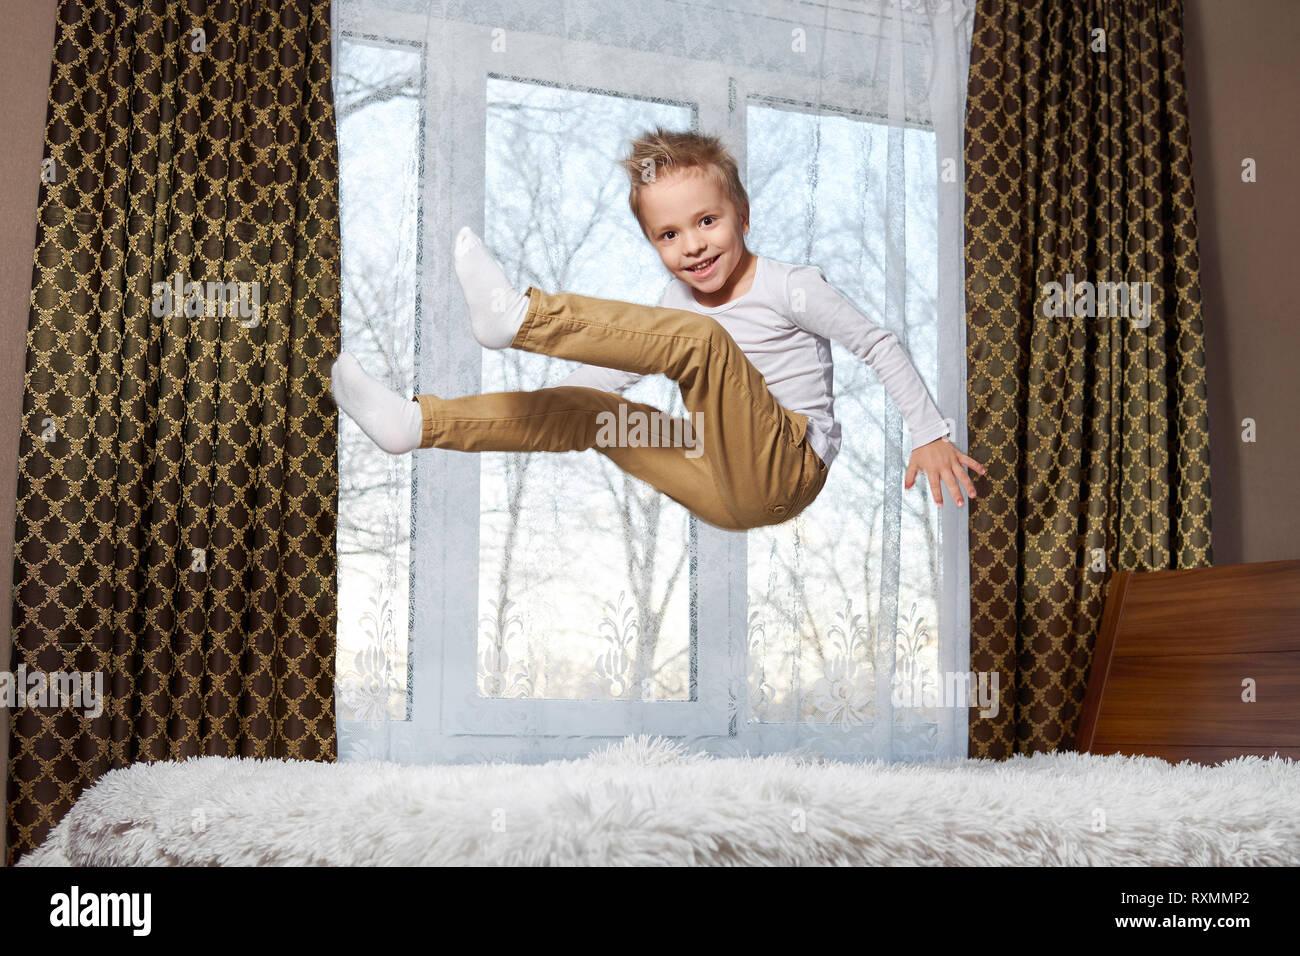 Niño fun home. Hermosa rubia niño de 6 años de edad jugando mañana a la habitación. Kid sonriente al dormitorio, saltando sobre la cama. Foto de stock